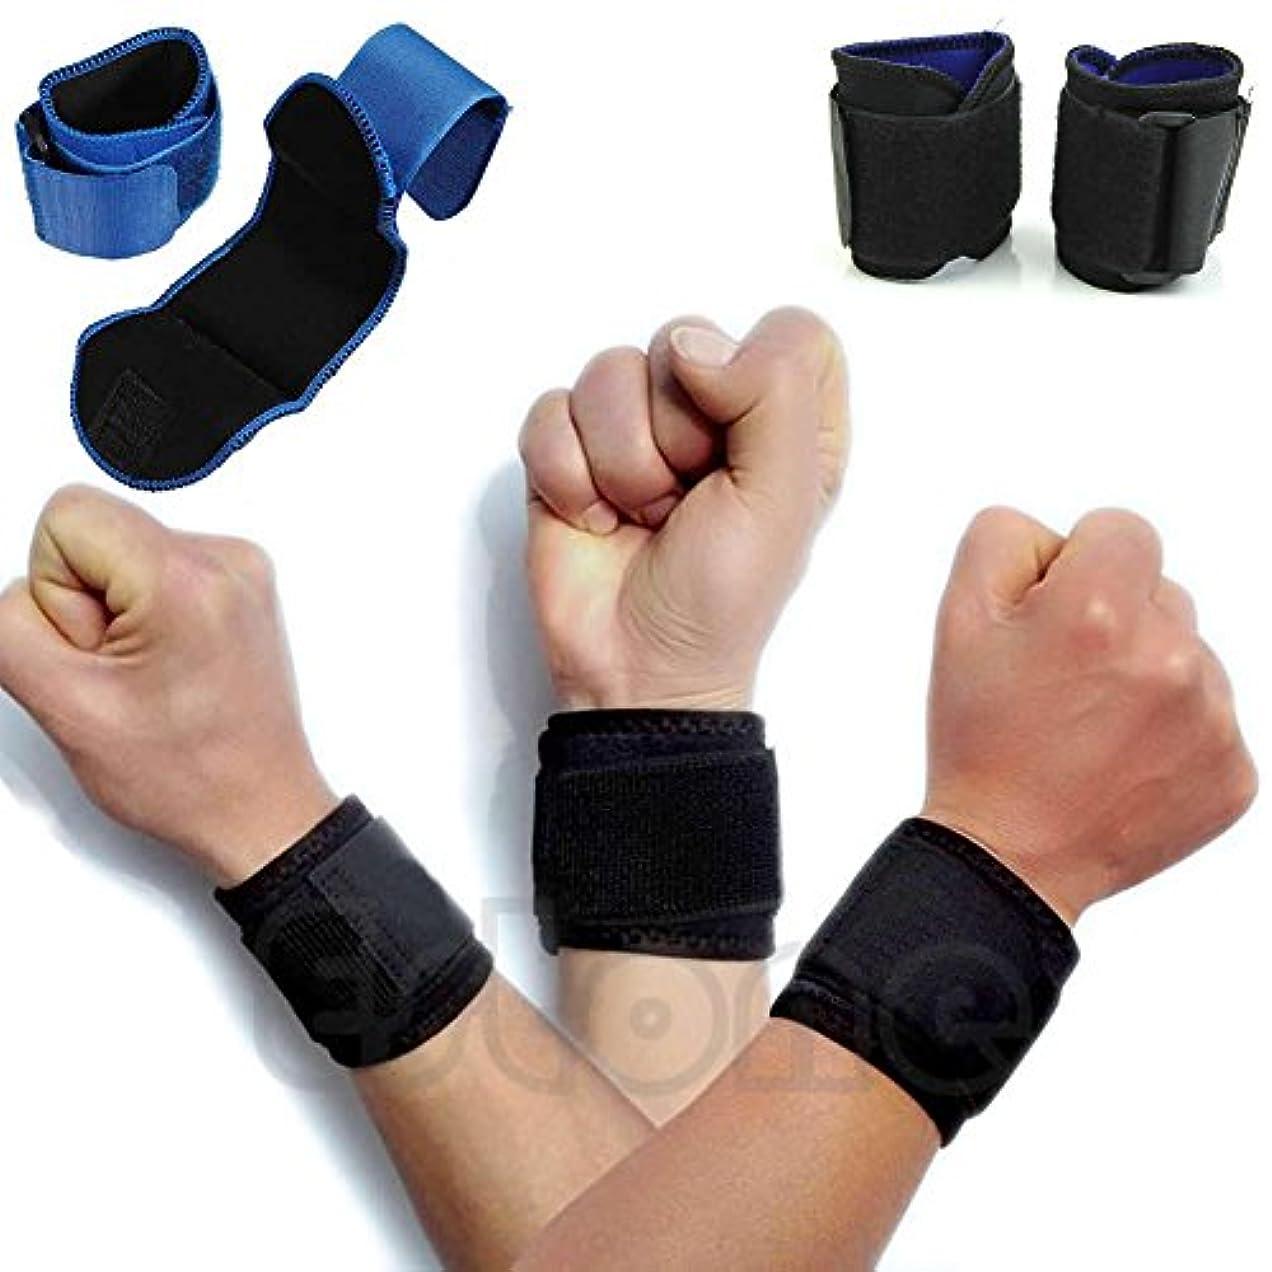 ダンプランタン故障新 調節可 スポーツ用 手首 巻き付け 包帯 ジム支援 締付手首バンド 1カップル